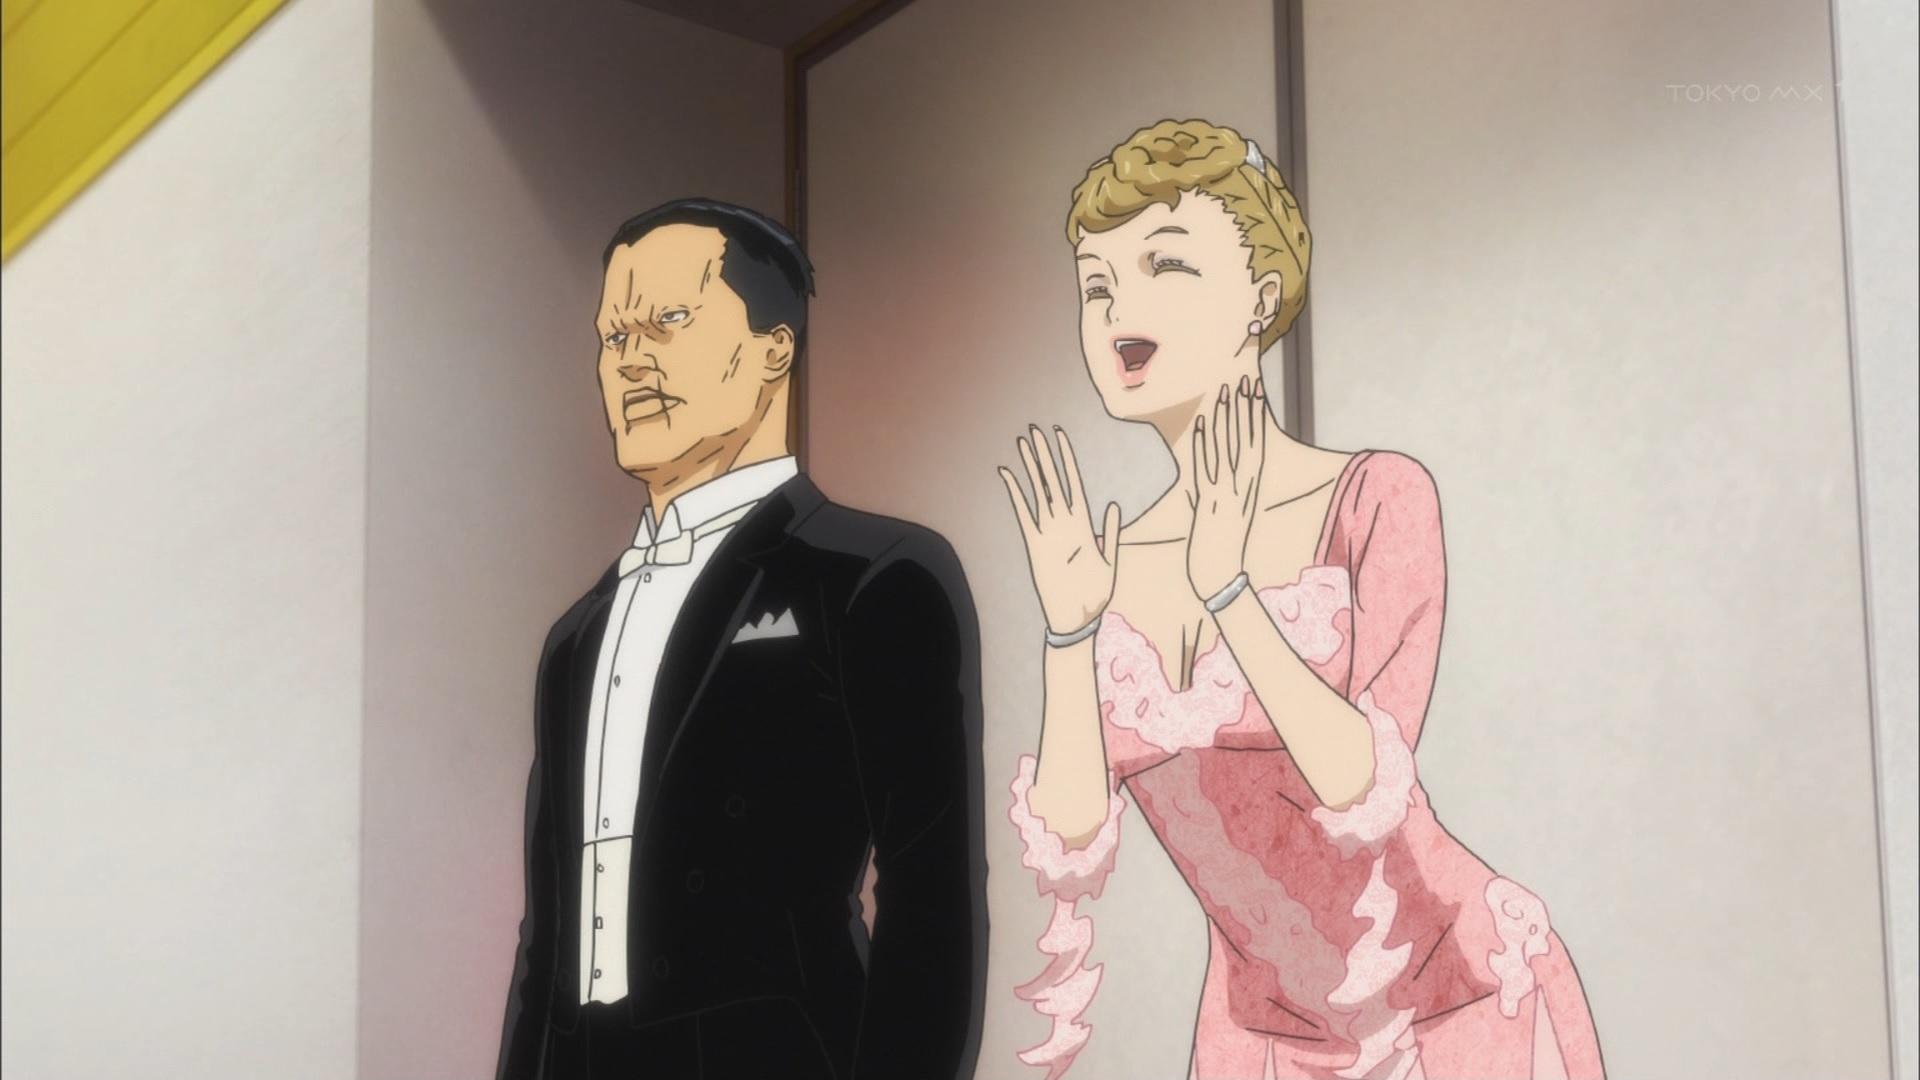 甲本明と峰吾郎